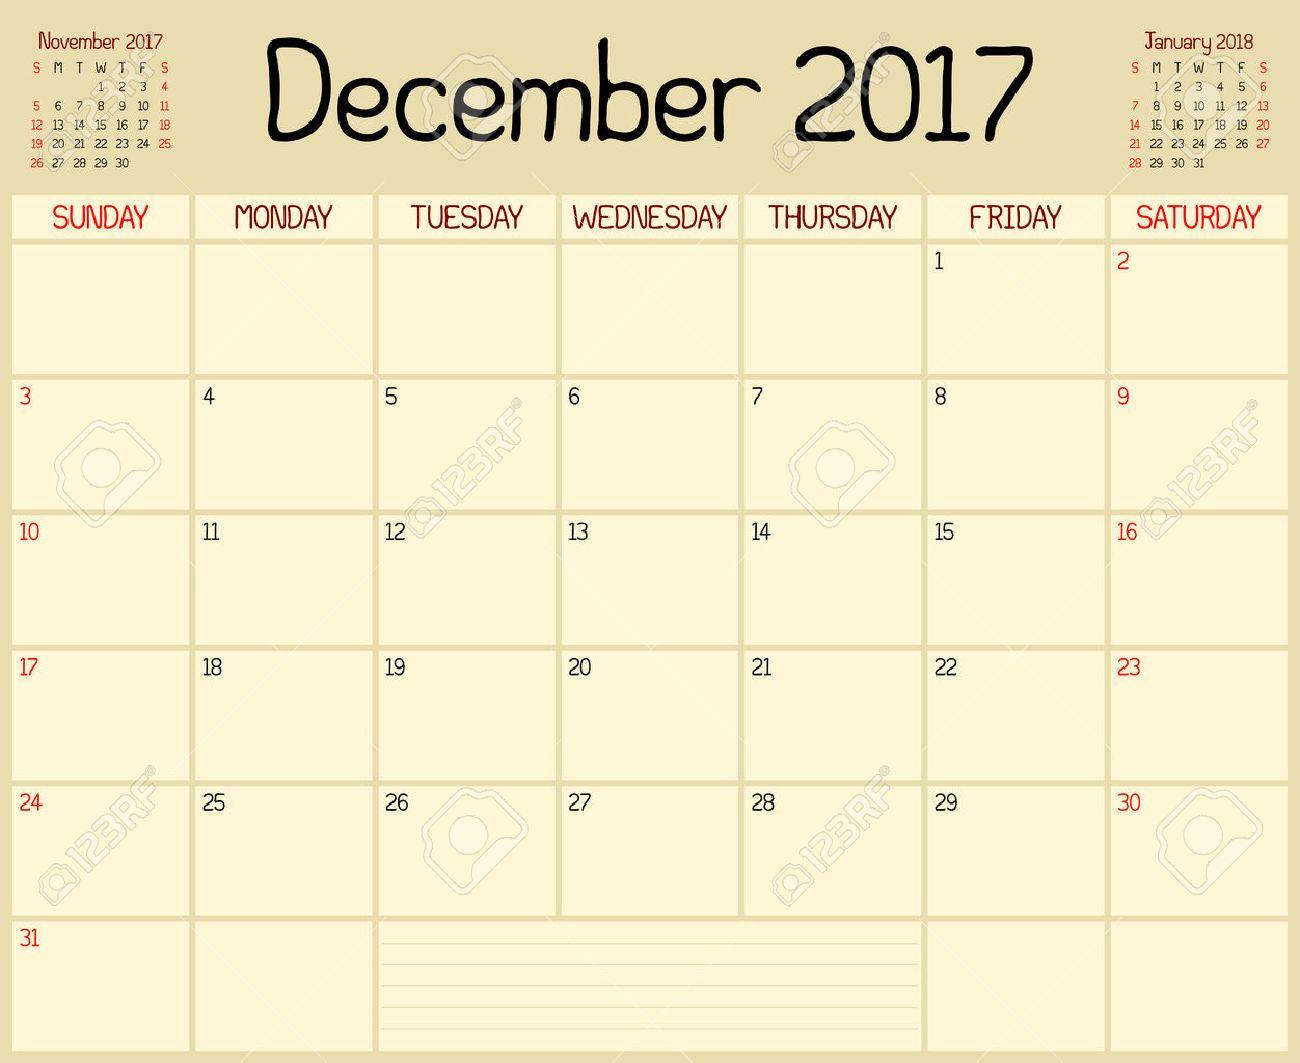 Année 2017 Décembre Planner Un Calendrier De Planification Mensuelle Pour Décembre 2017 Un Style Manuscrit Personnalisé Est Utilisé